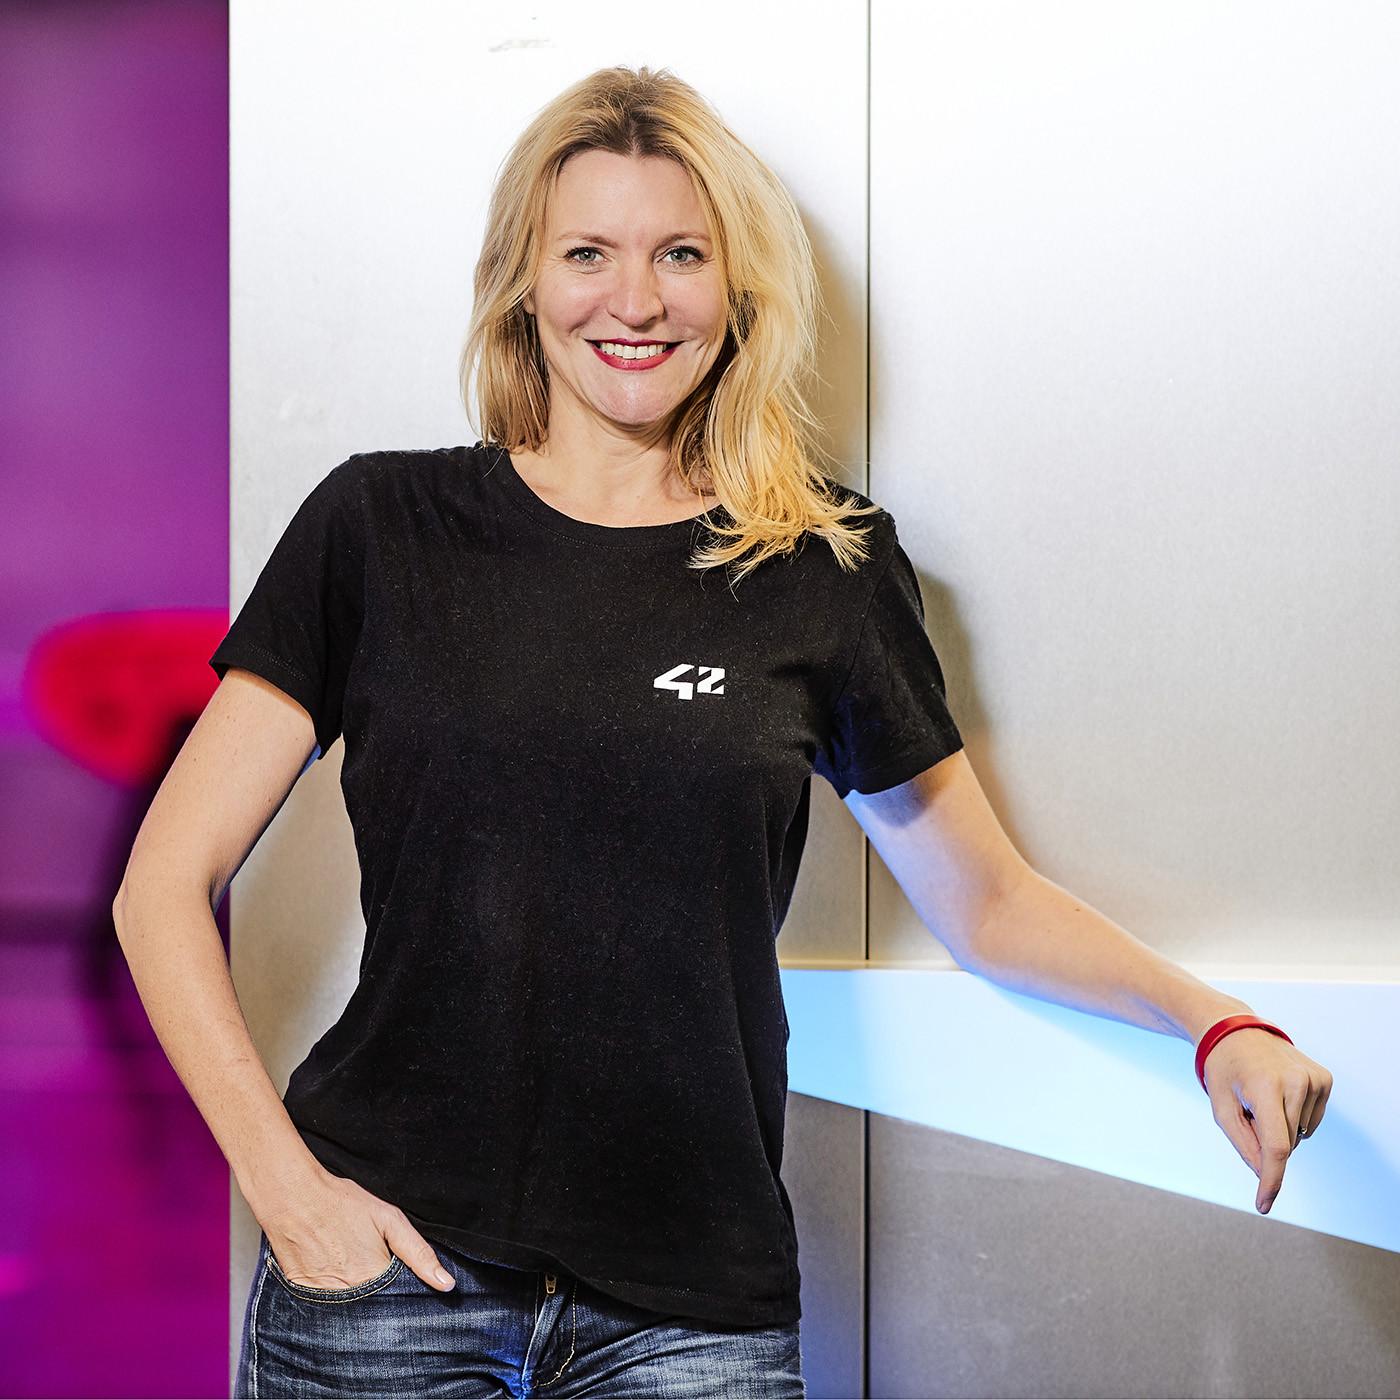 #3. Sophie Viger: La femme à la tête de l'Ecole 42, la première école de code gratuite